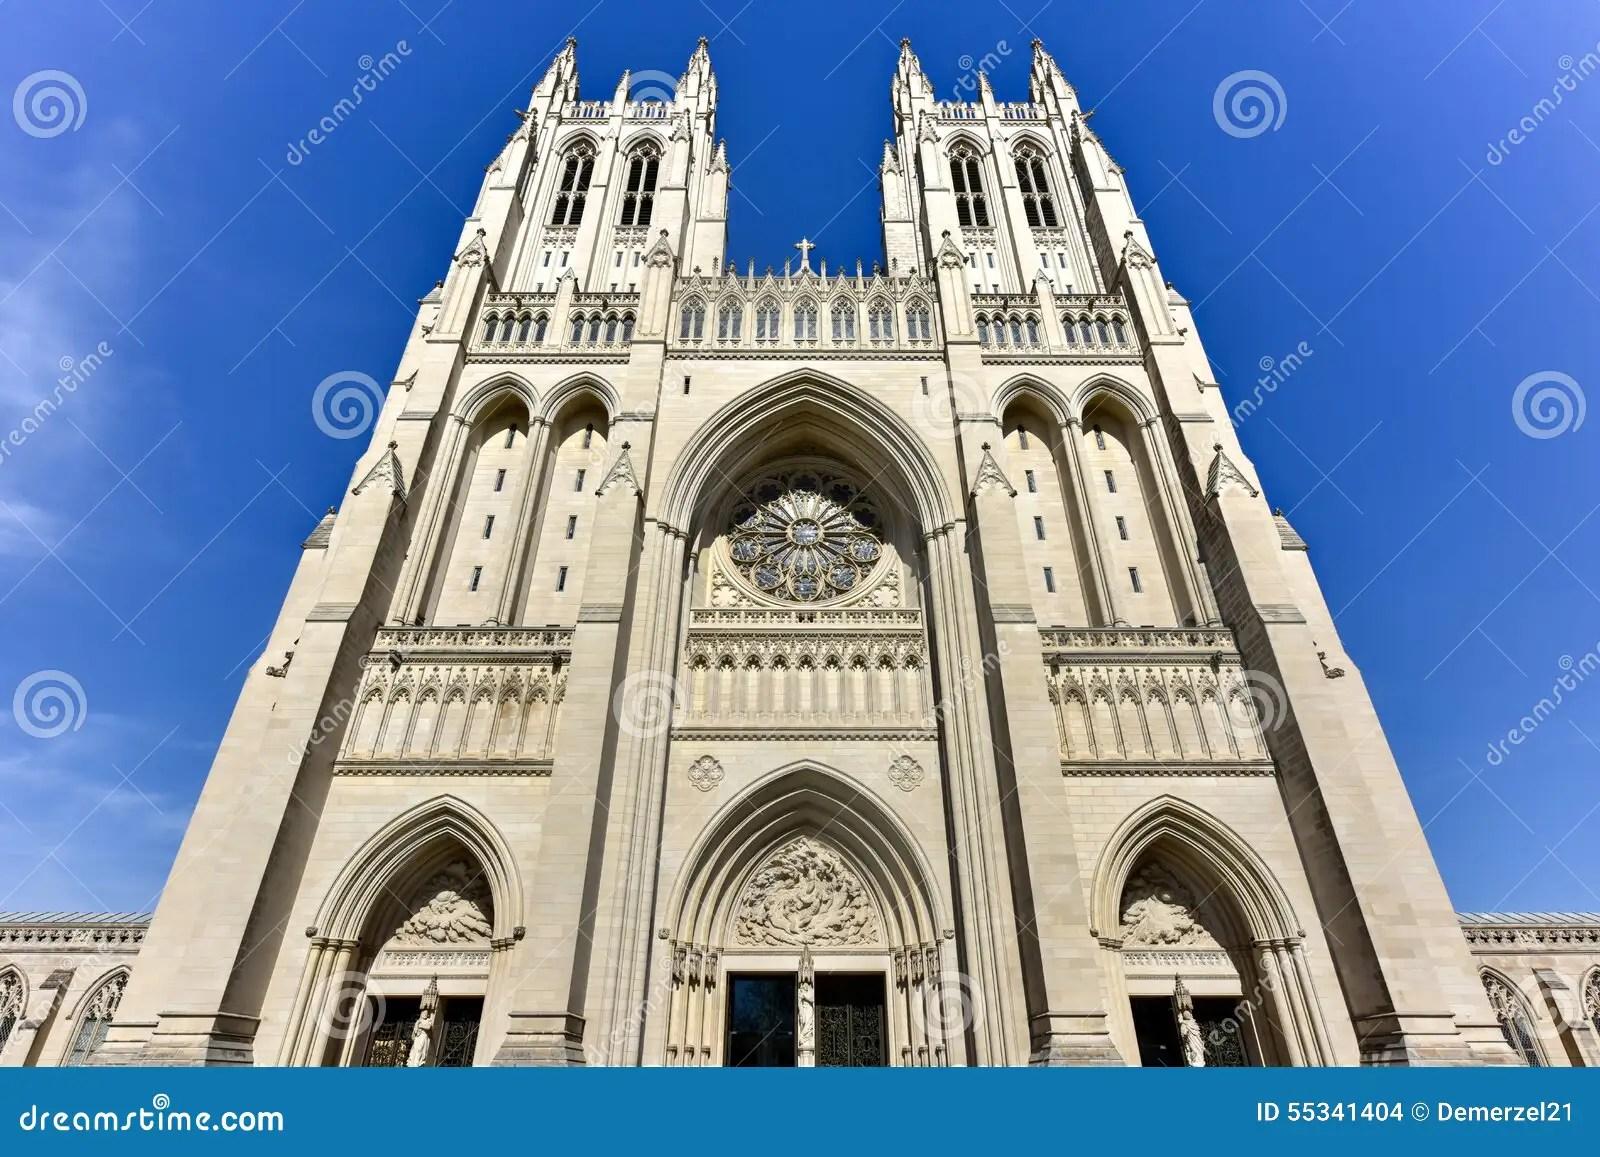 National Cathedral Washington Dc United States Stock